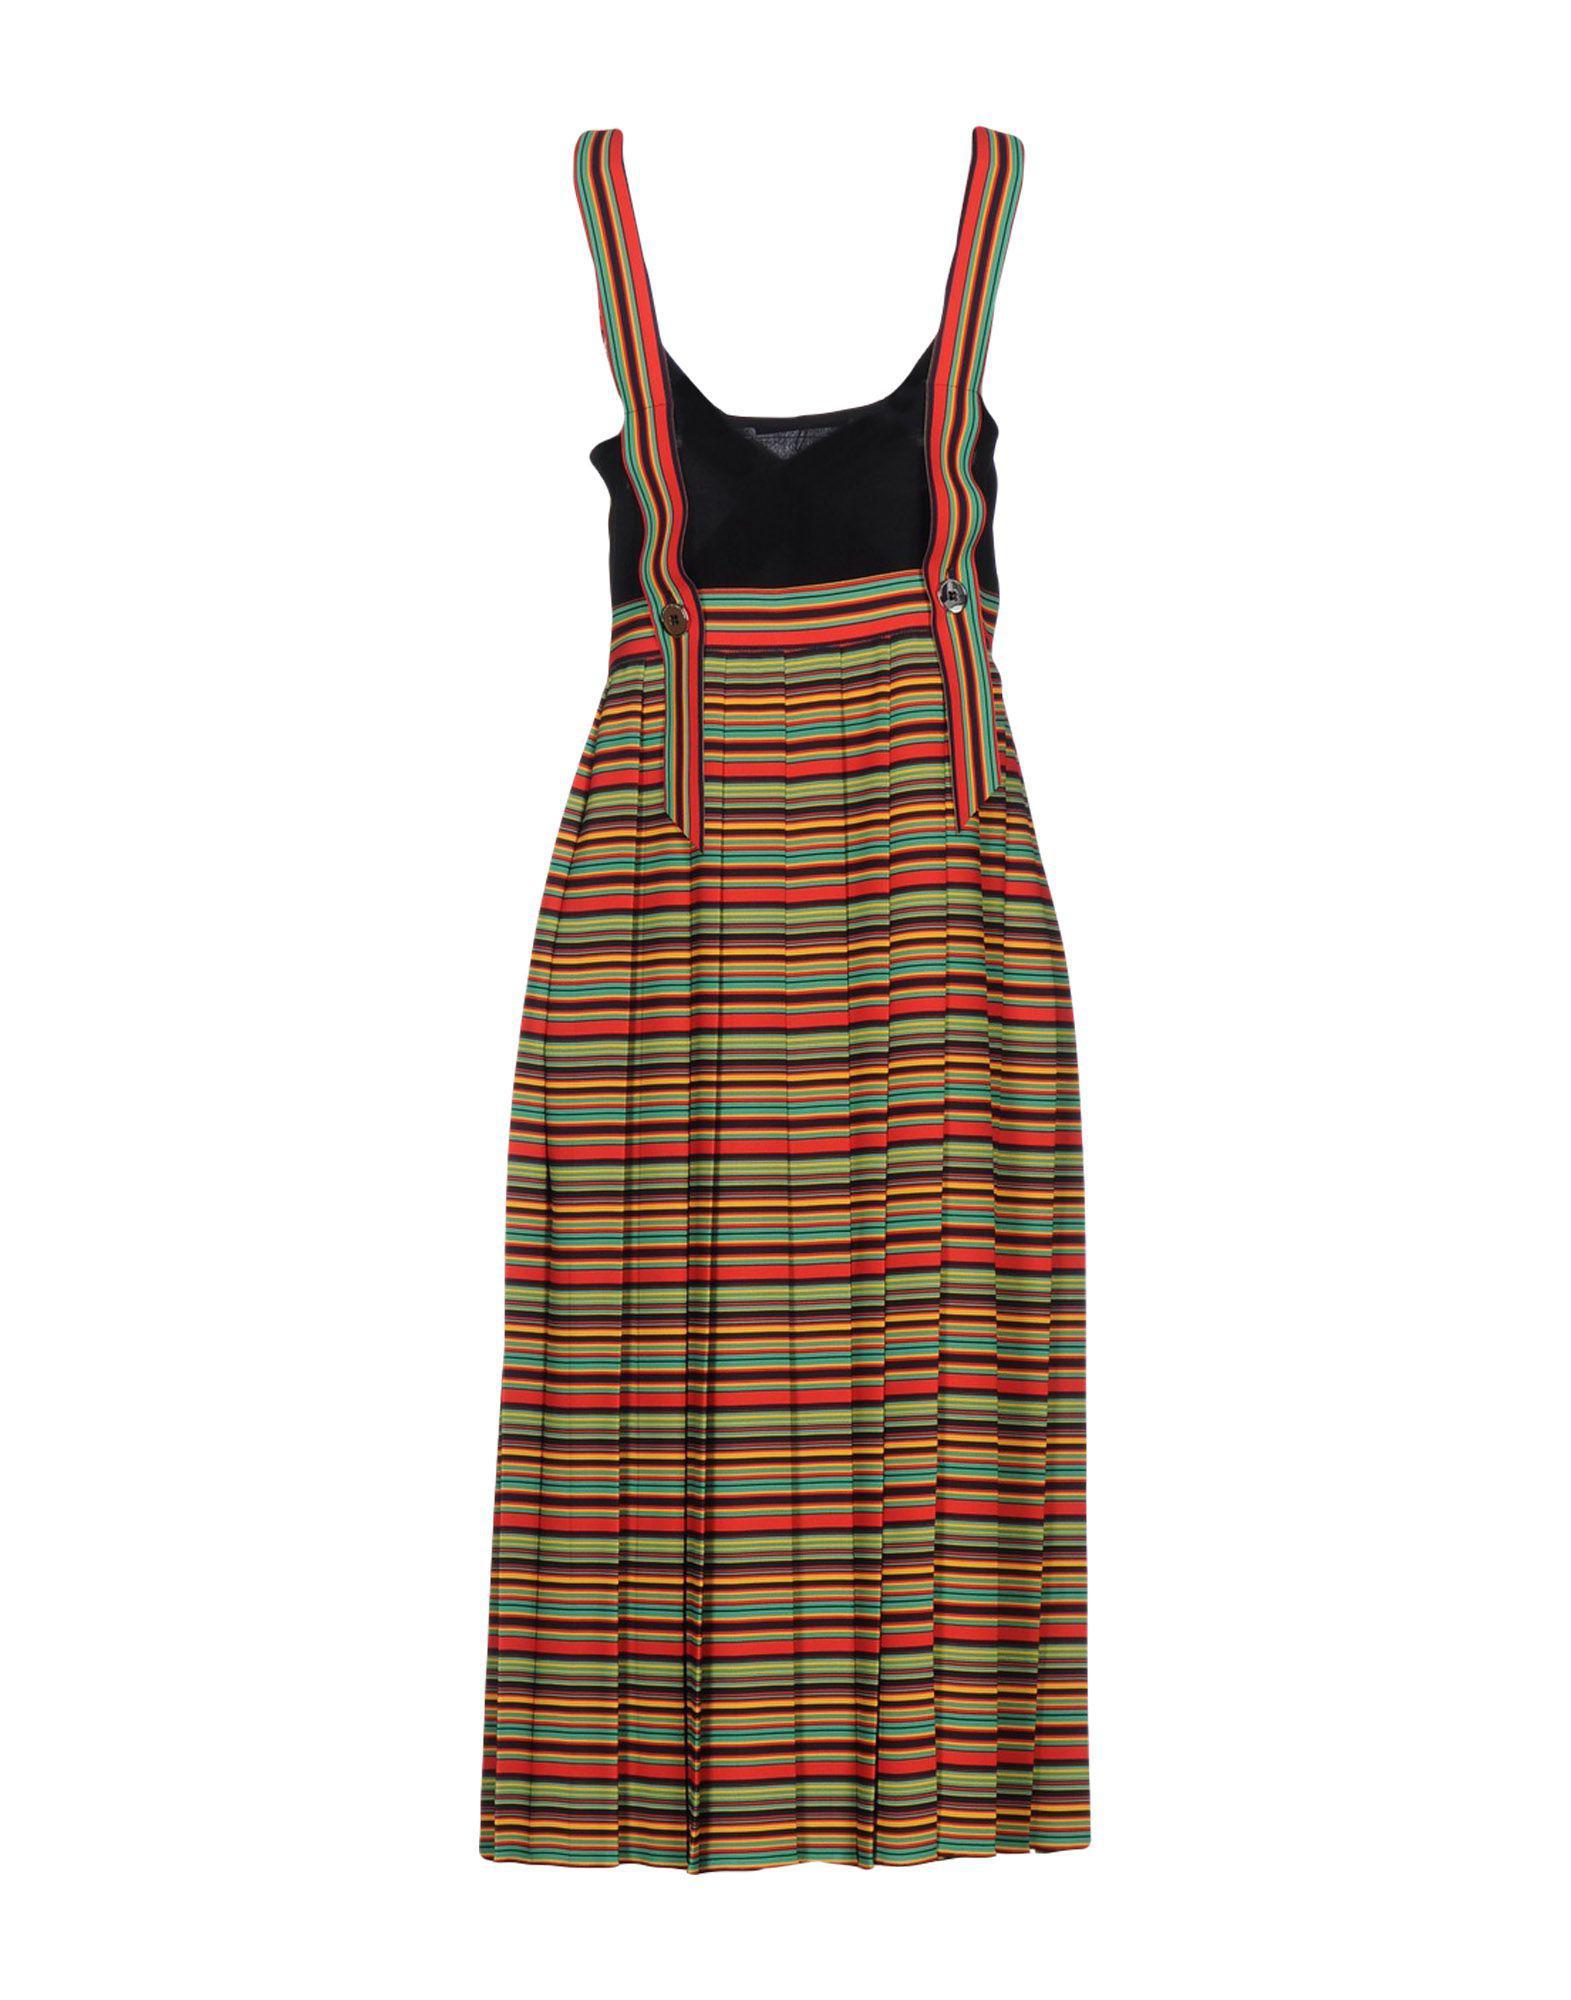 DRESSES - 3/4 length dresses Marco De Vincenzo adboew2